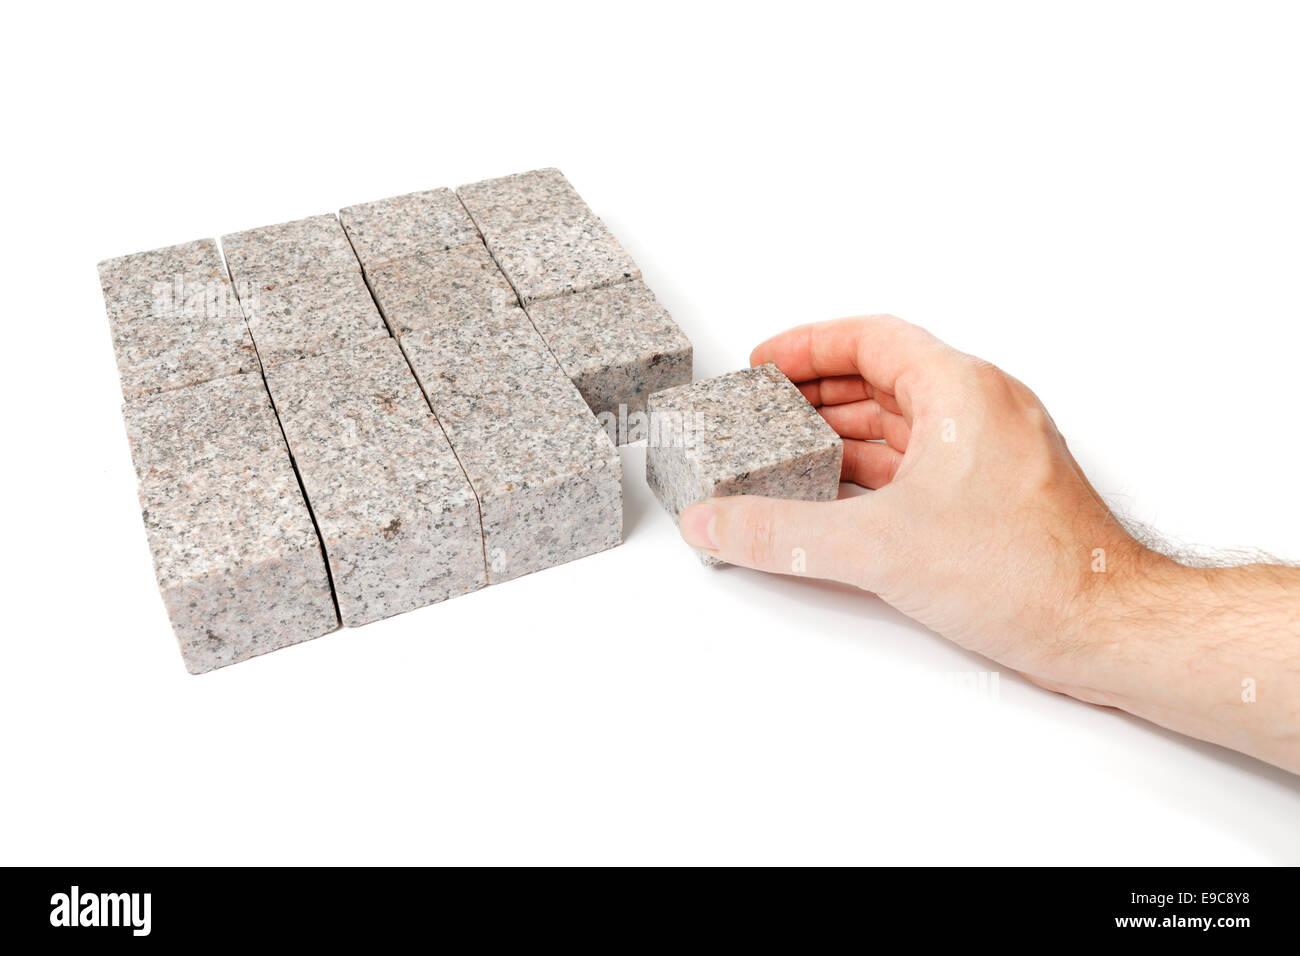 Hombre haciendo un cuadrado de bloques de roca de granito. Imagen De Stock